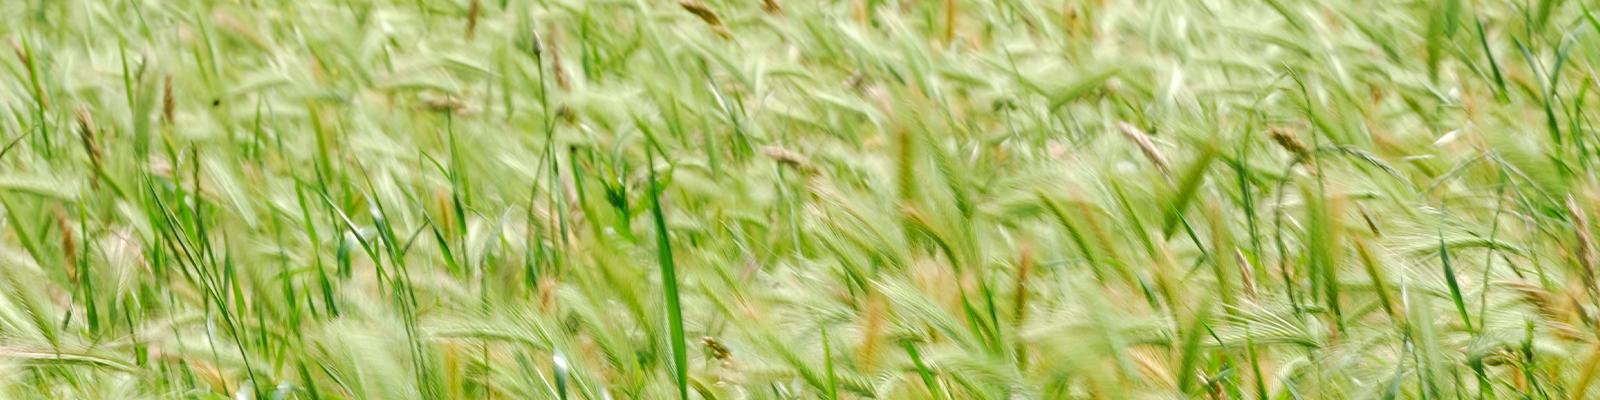 Pasta Garofalo - Engagement voor het milieu